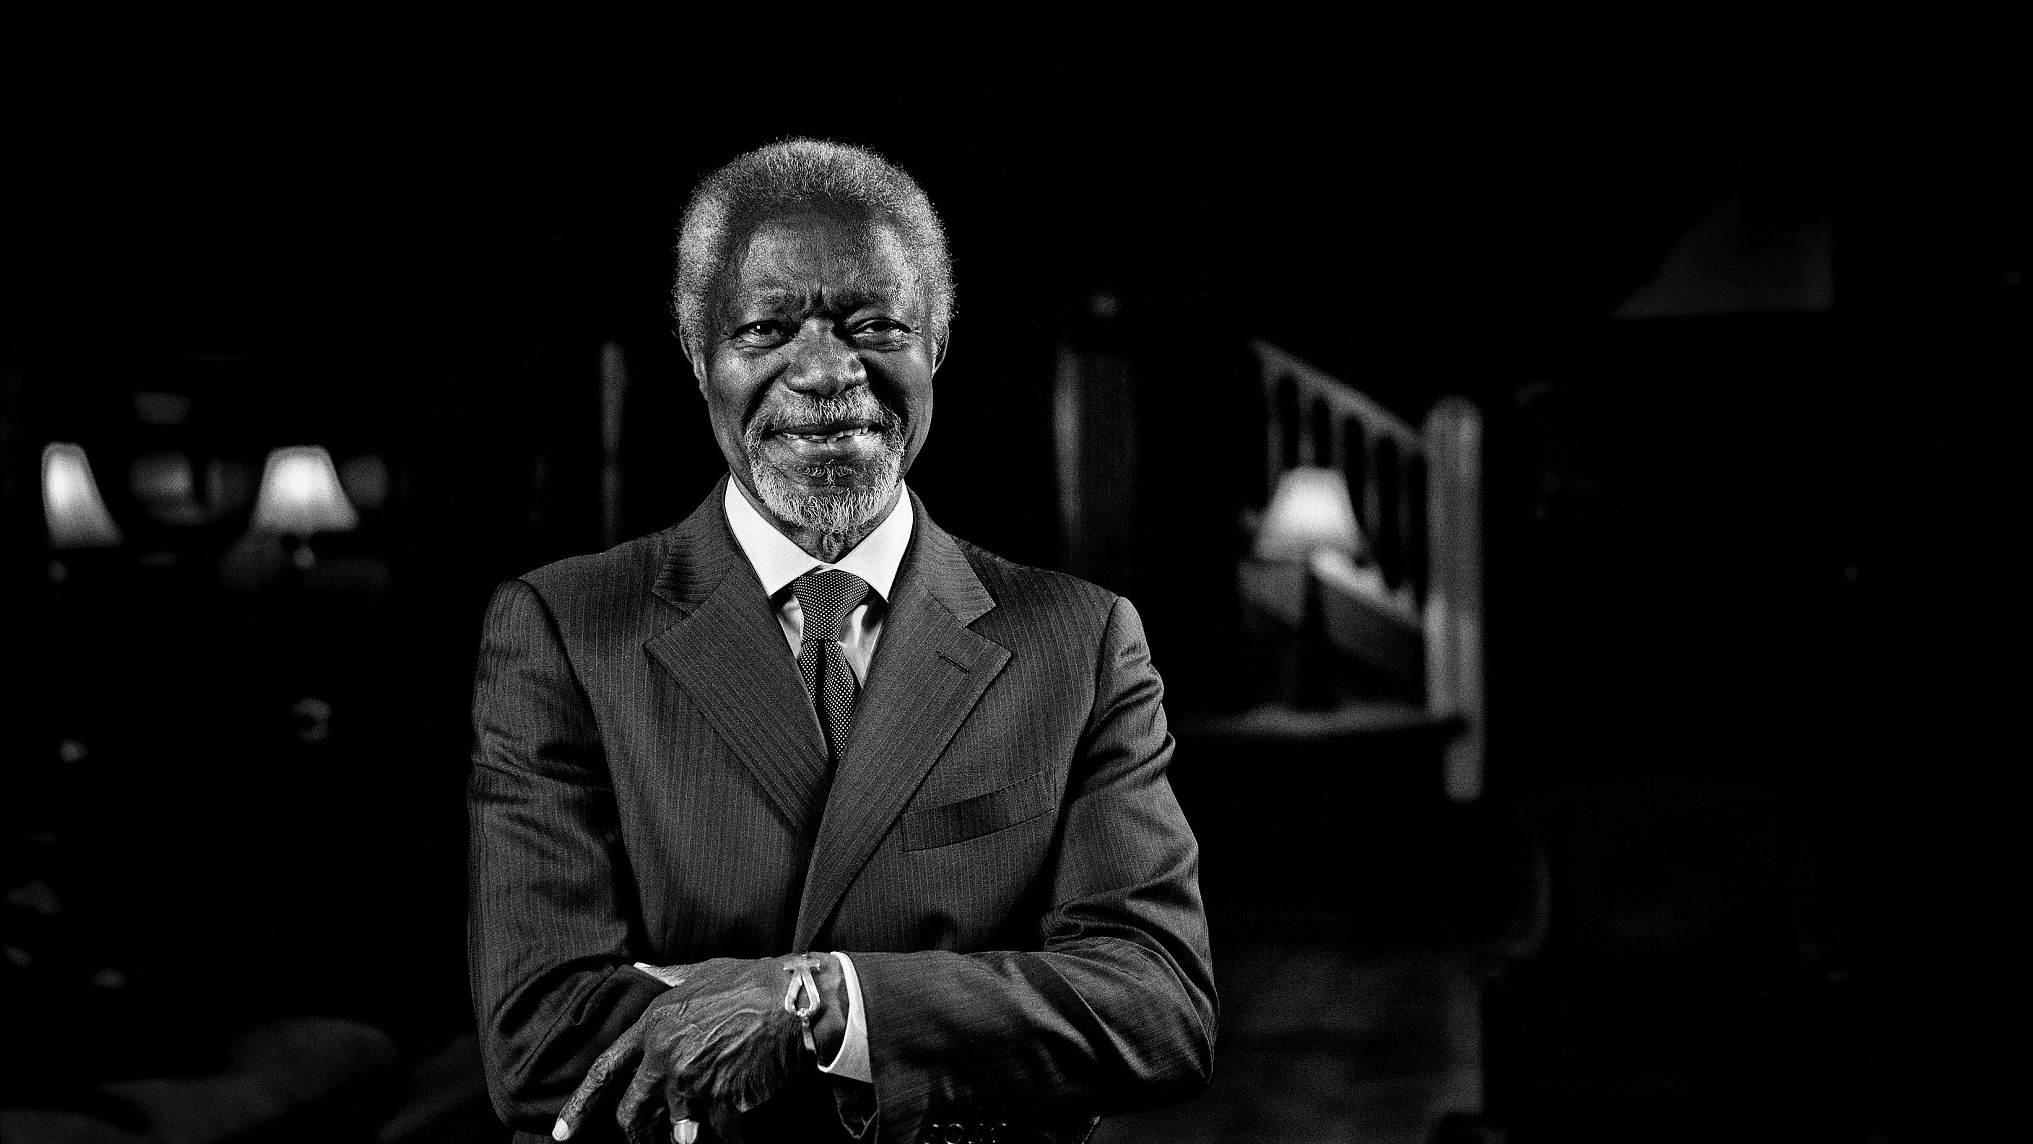 Xi sends condolences to UN chief on Annan's death